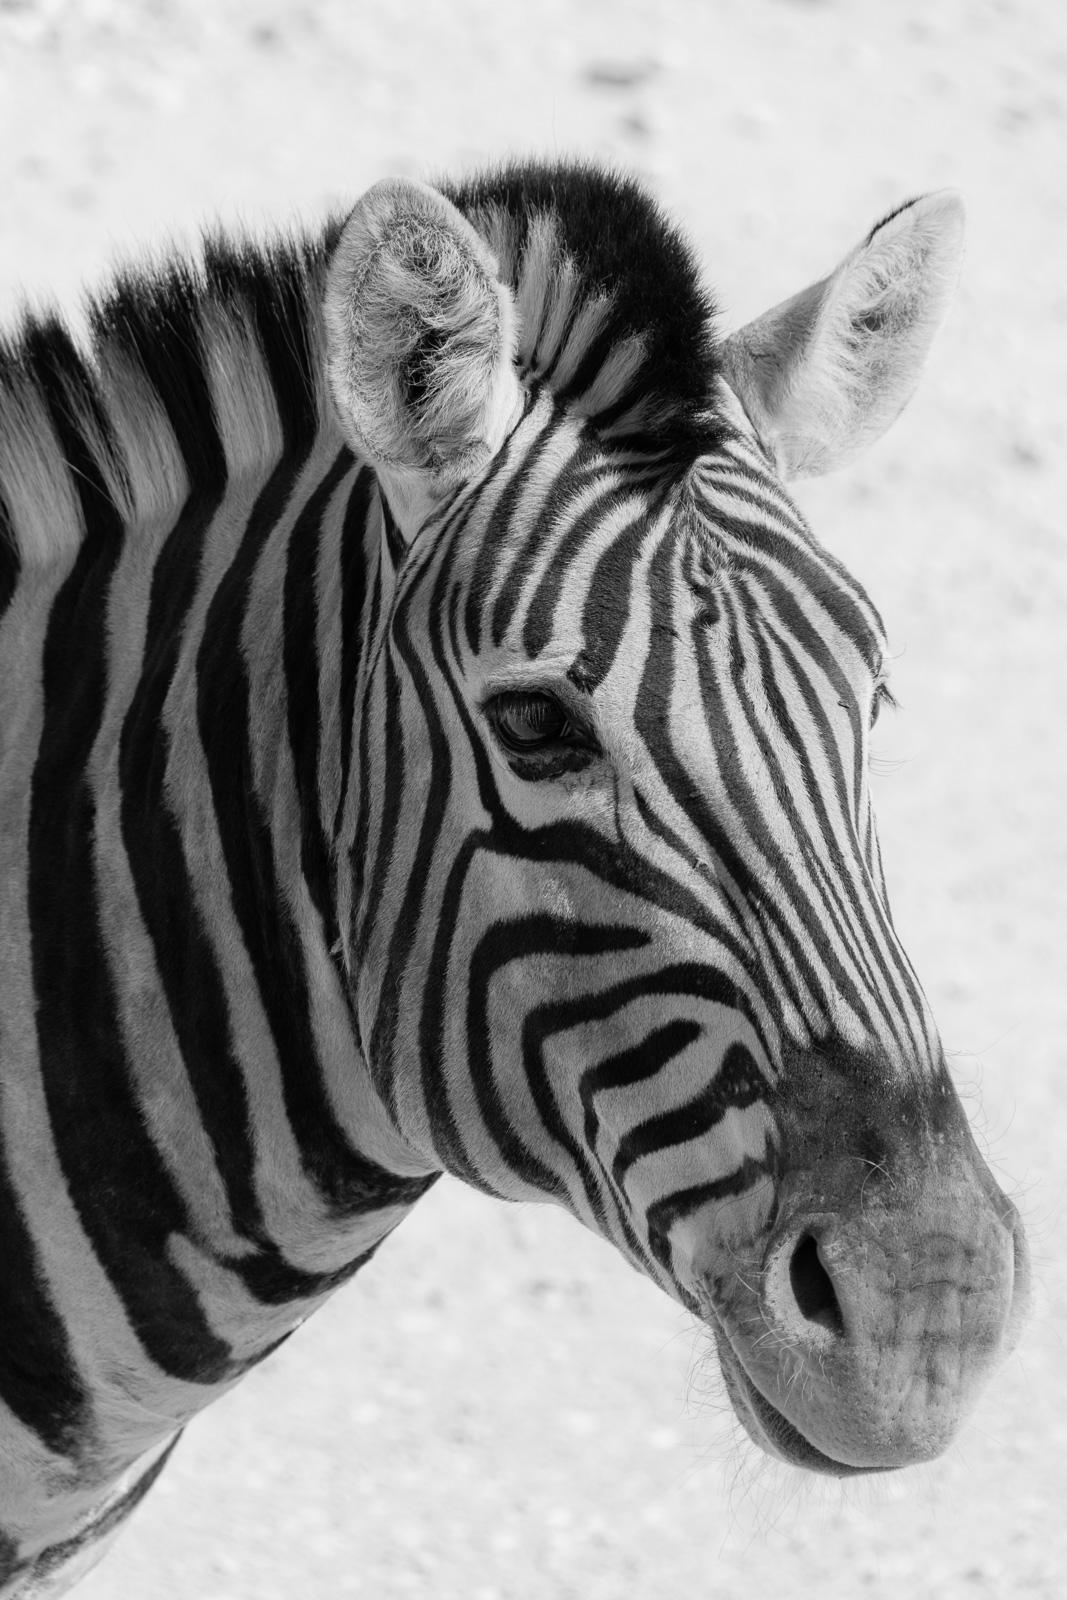 Africa, Namibia, Etosha, zebra